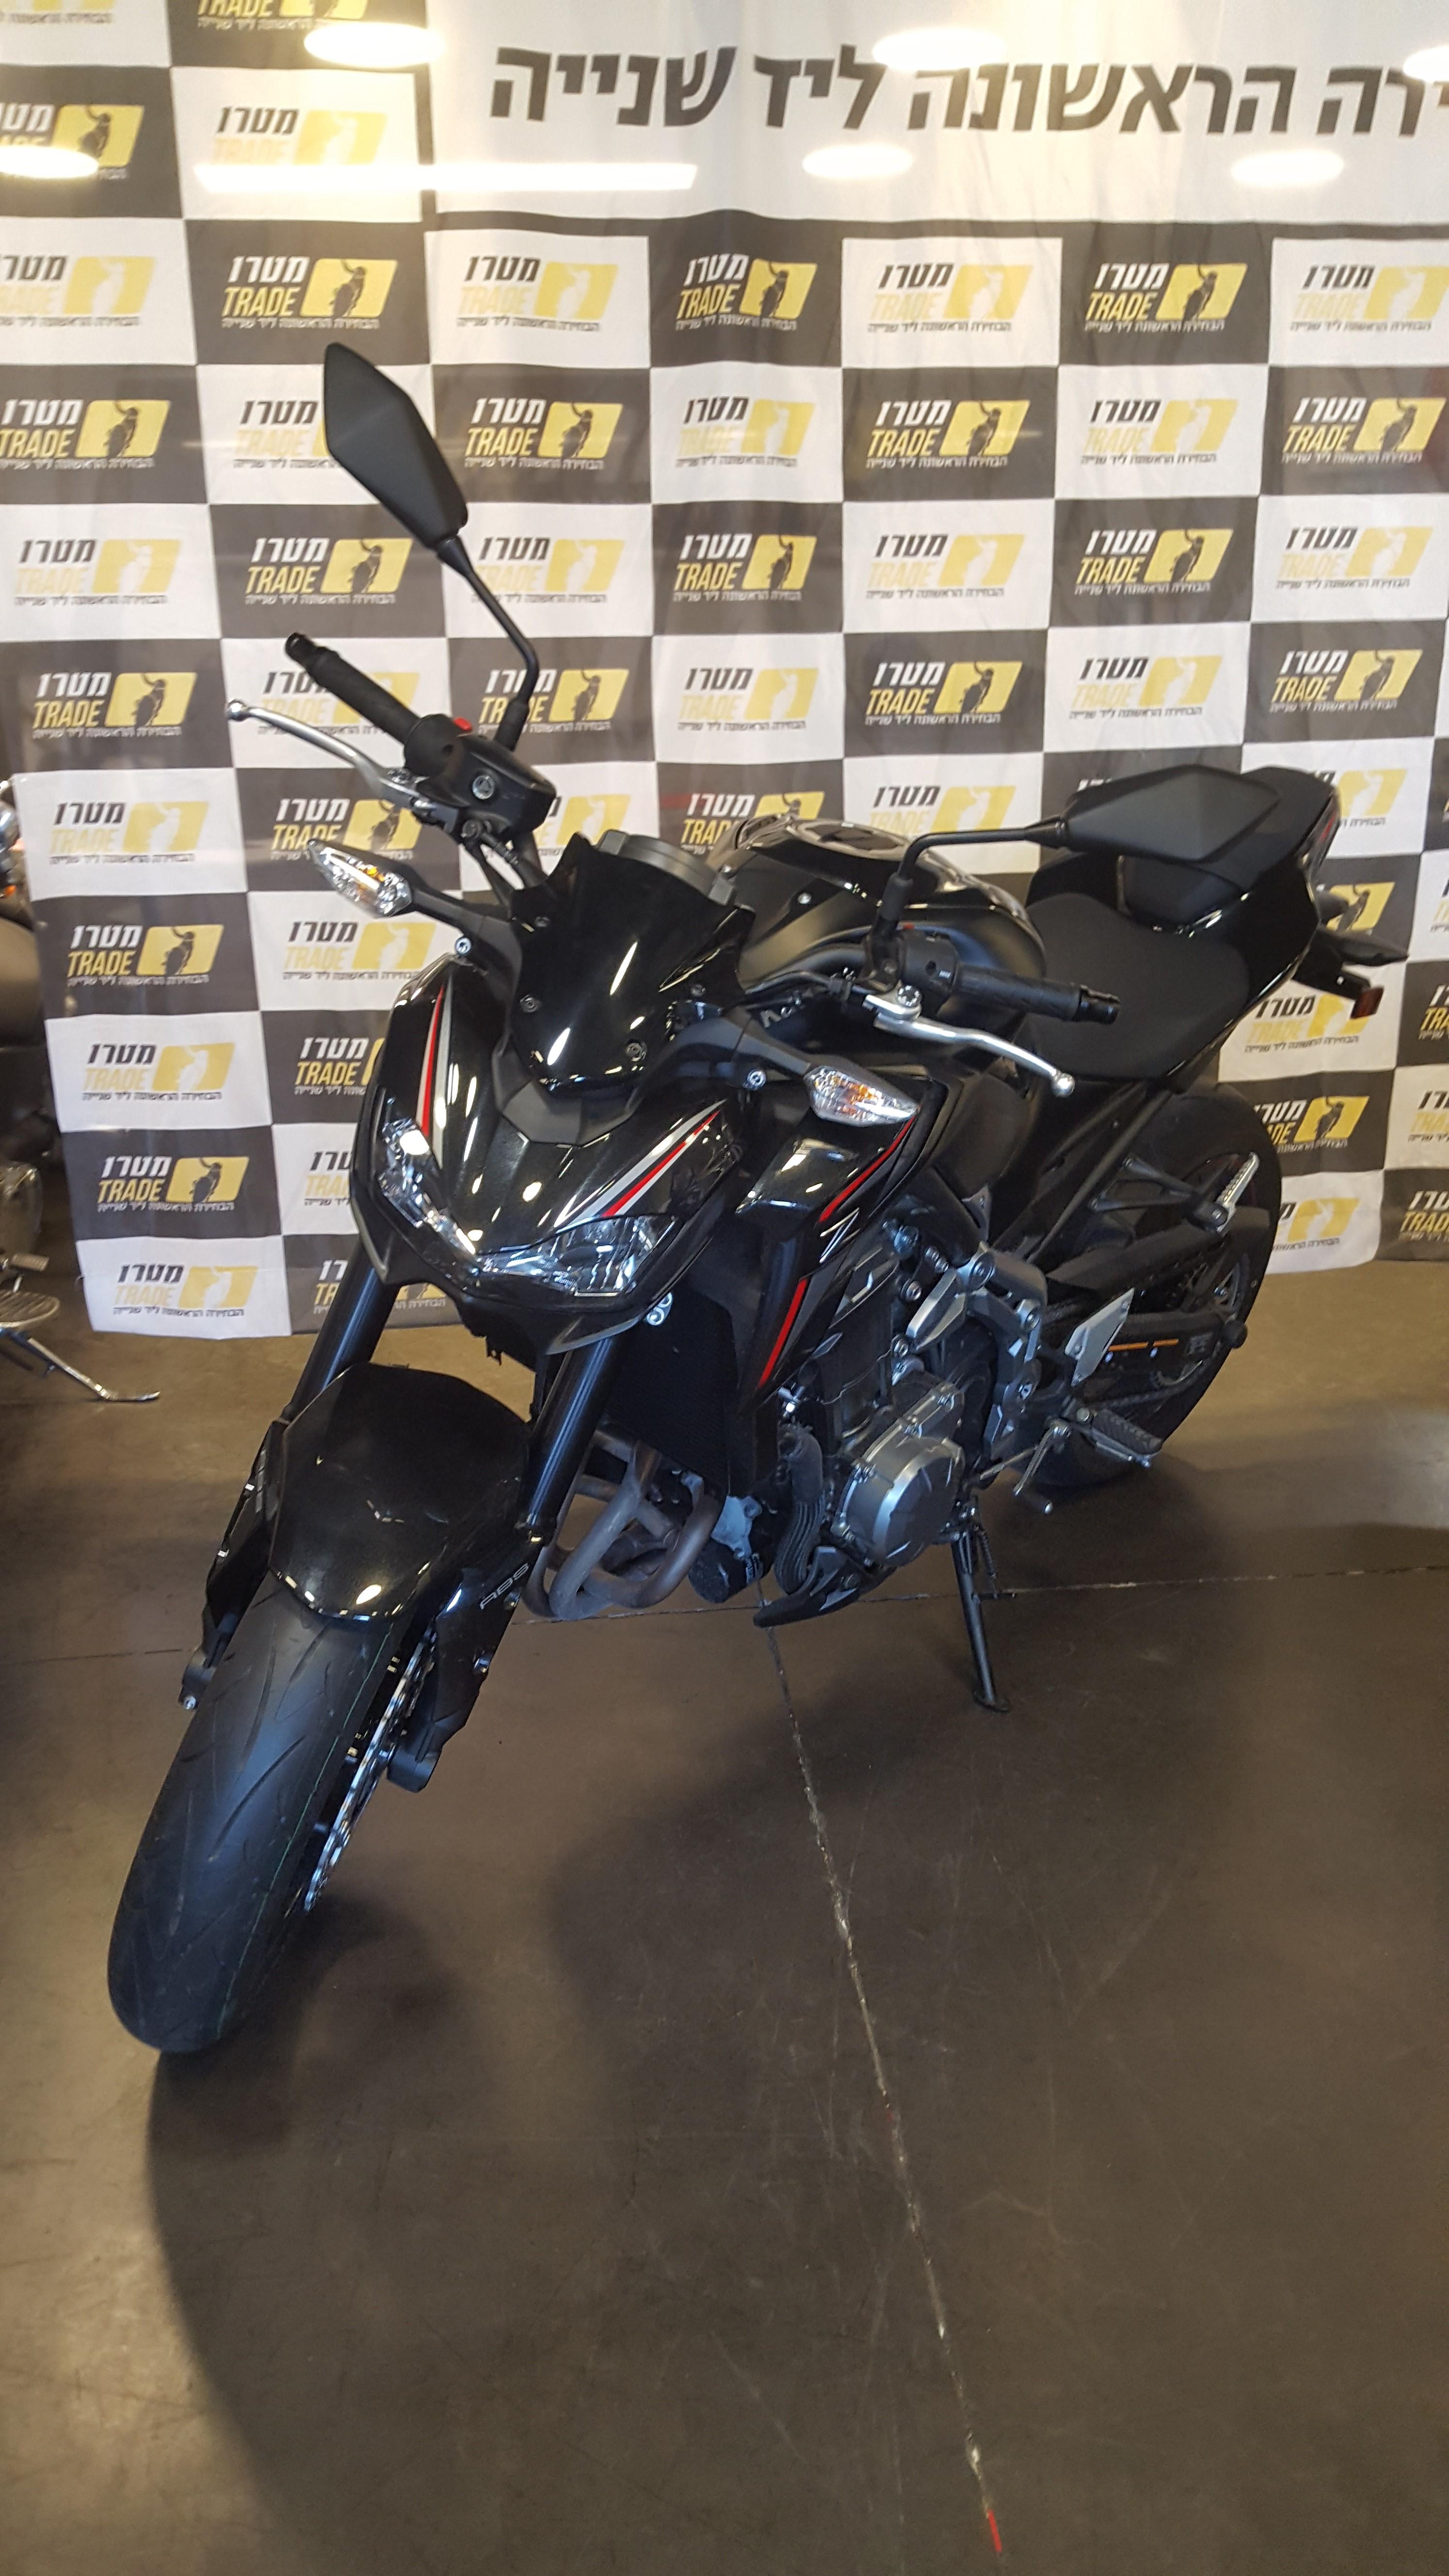 מעולה יד שניה קטנועים ואופנועים - קטנוע ואופנוע יד 2 | מטרו-מוטור WN-12